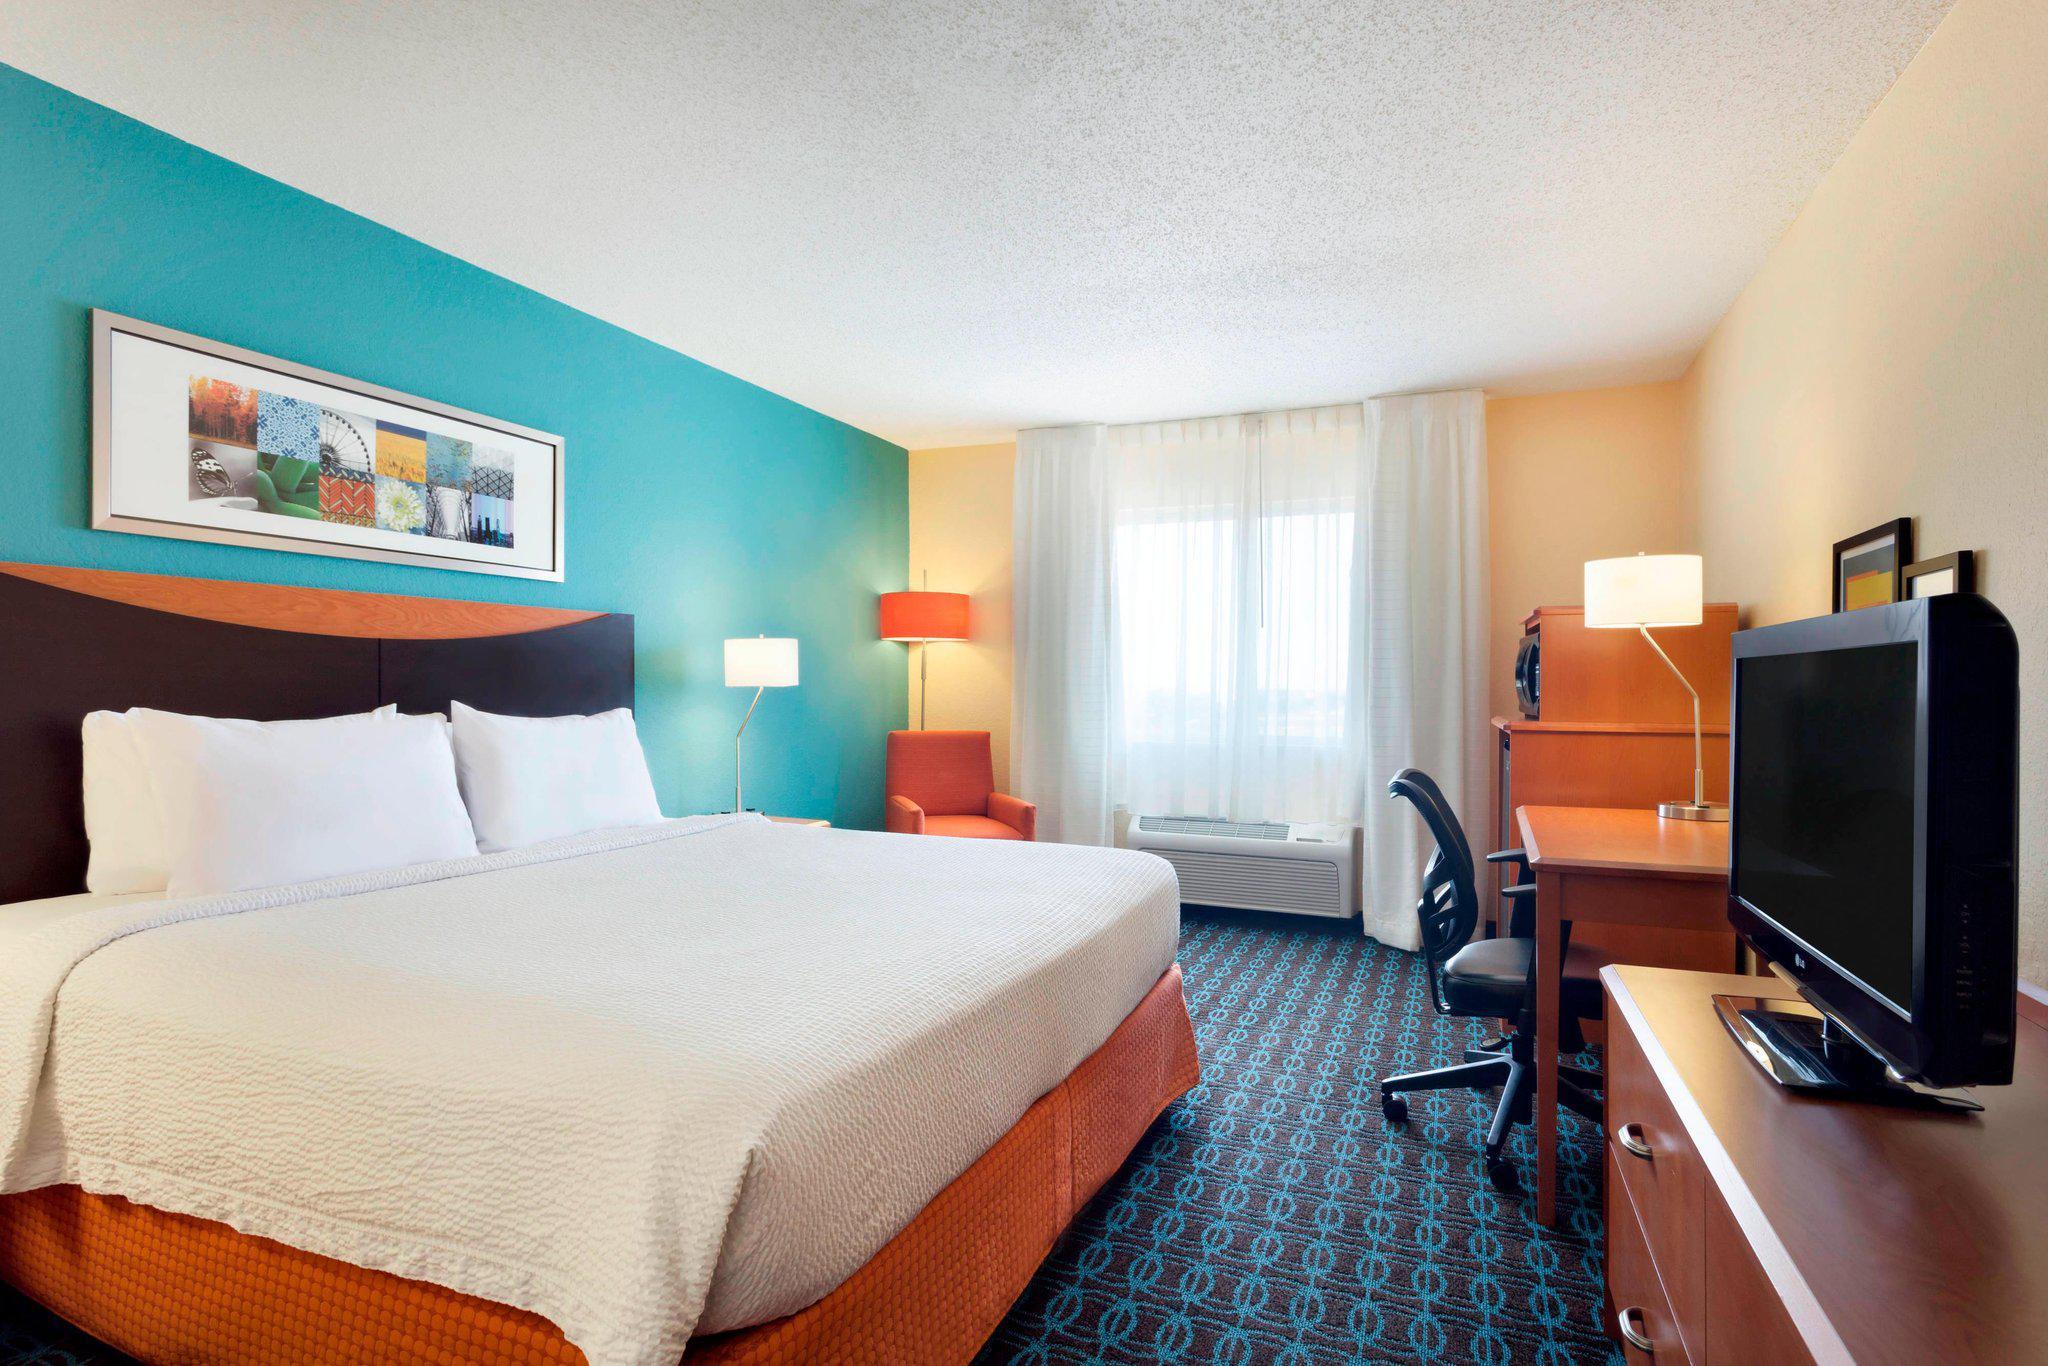 Fairfield Inn & Suites by Marriott Waco South